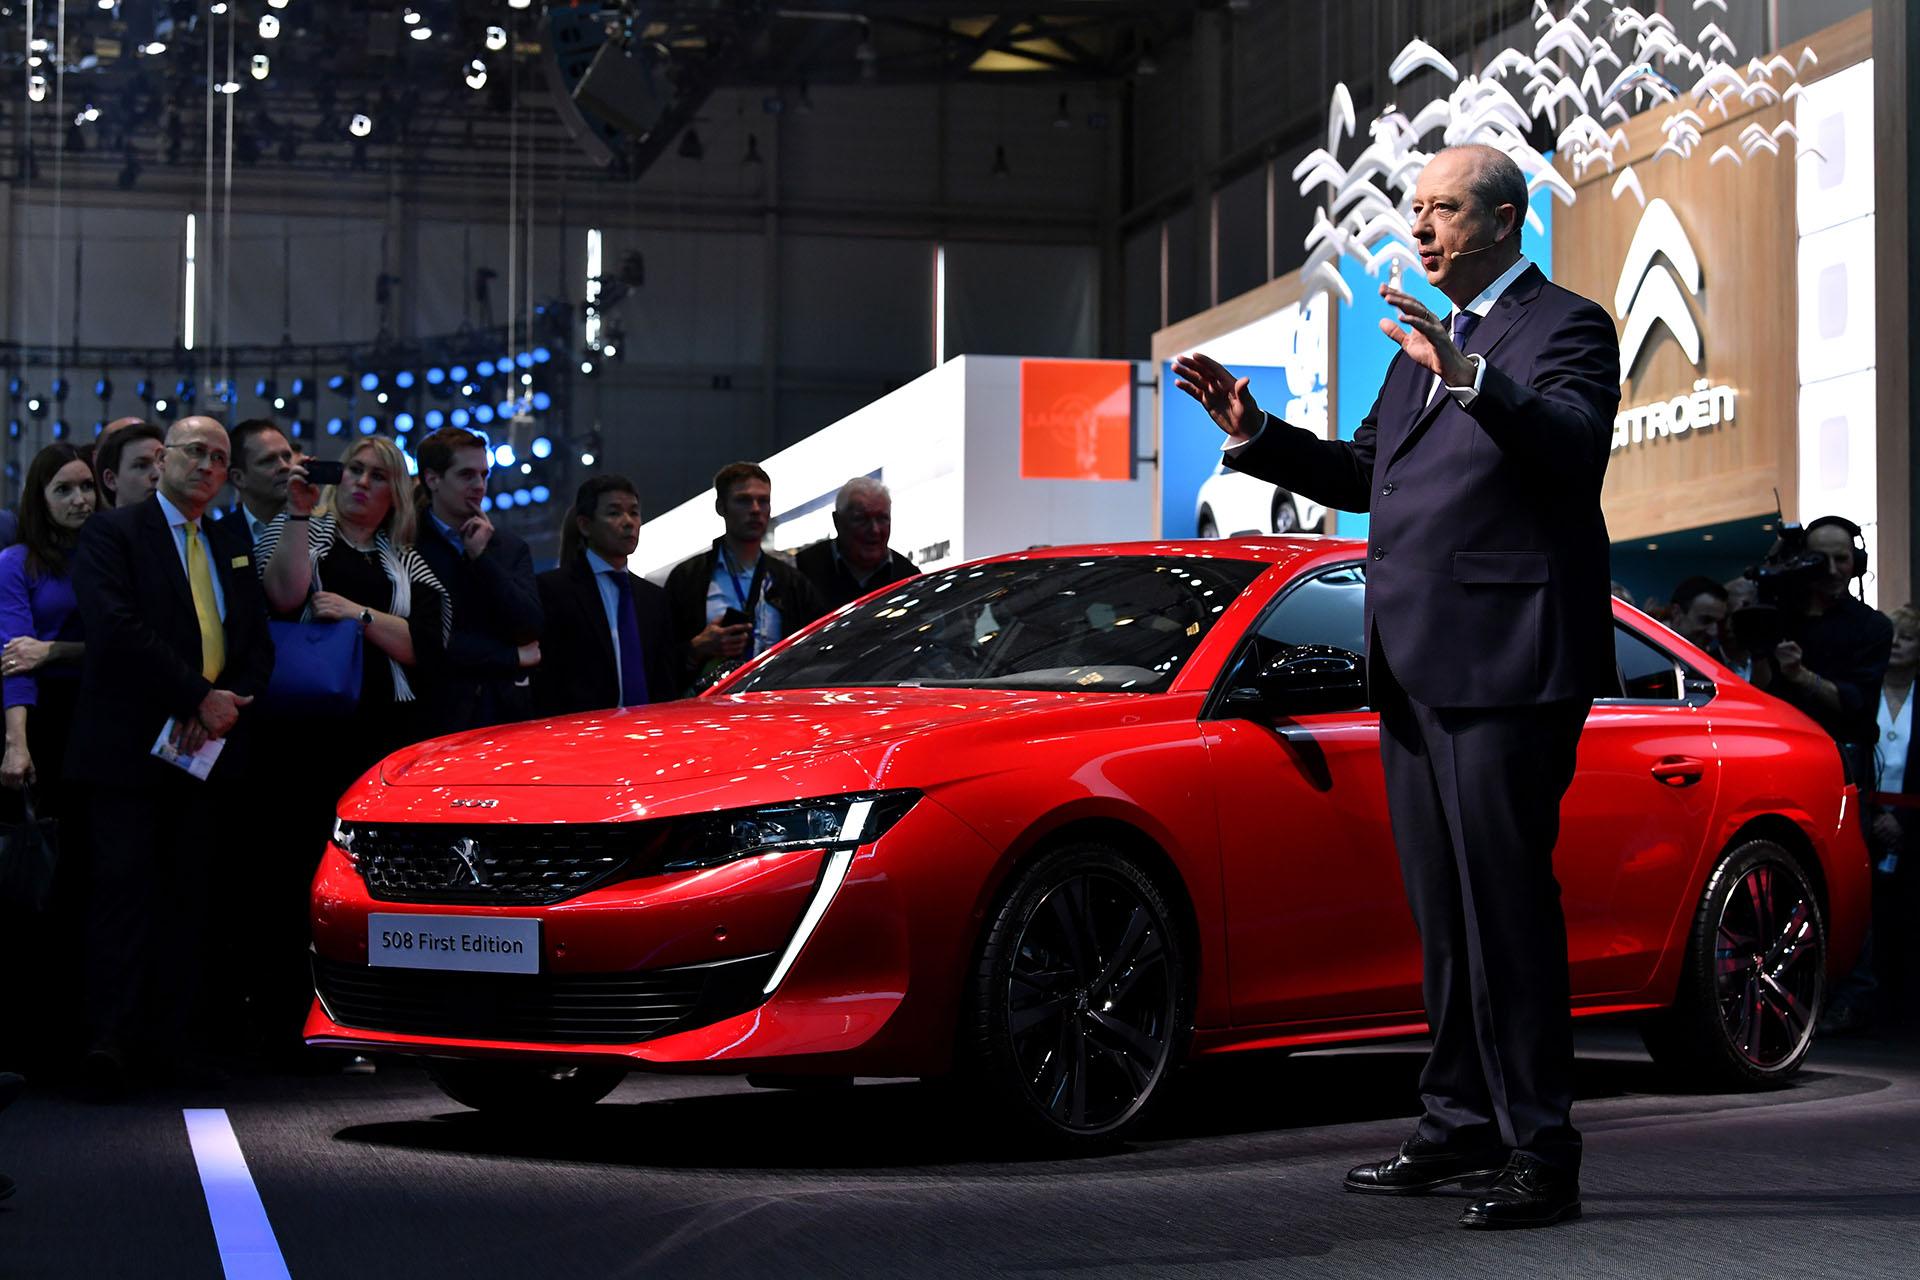 El Peugeot 508 fue una de las máximas novedades de Ginebra. Y como primicia absoluta develó el lanzamiento de la serie limitada Peugeot 508 First Edition, que ya está a la venta en doce países europeos y que ya puede reservarse en línea por 47.200 euros. Lo presentóJean-Philippe Imparato, CEO de Peugeot